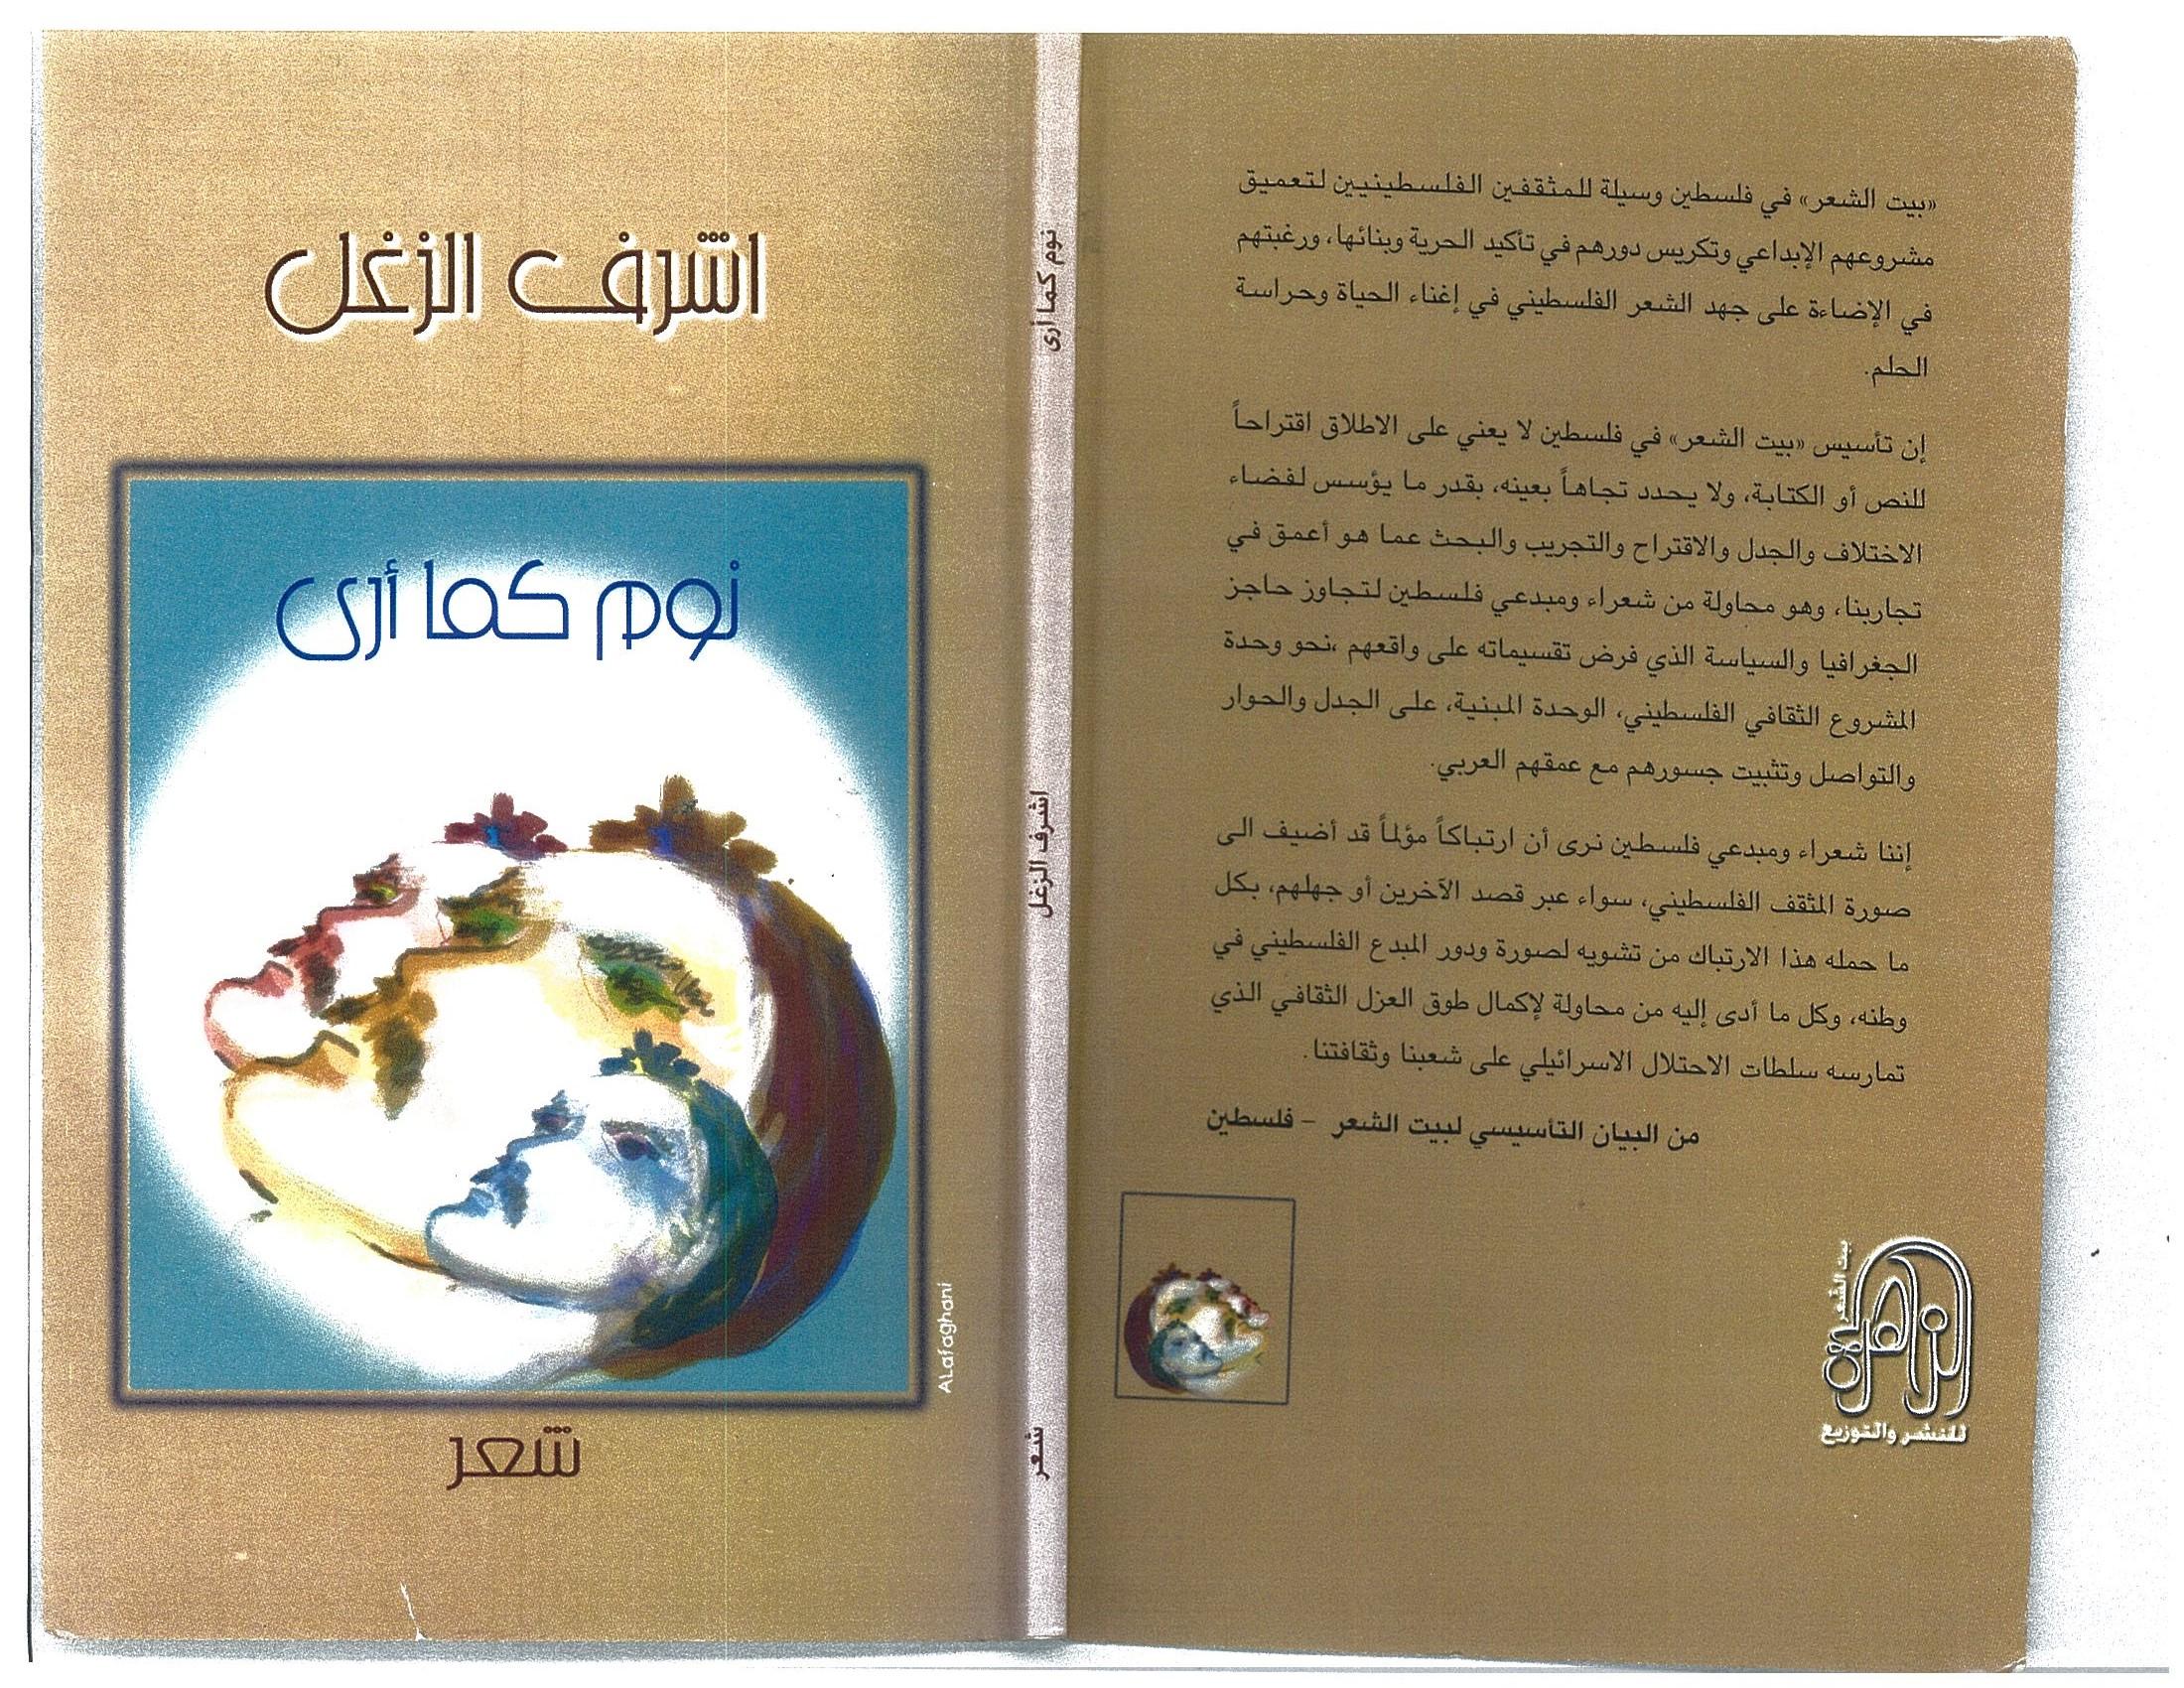 نوم كما أرى / أشرف الزغل